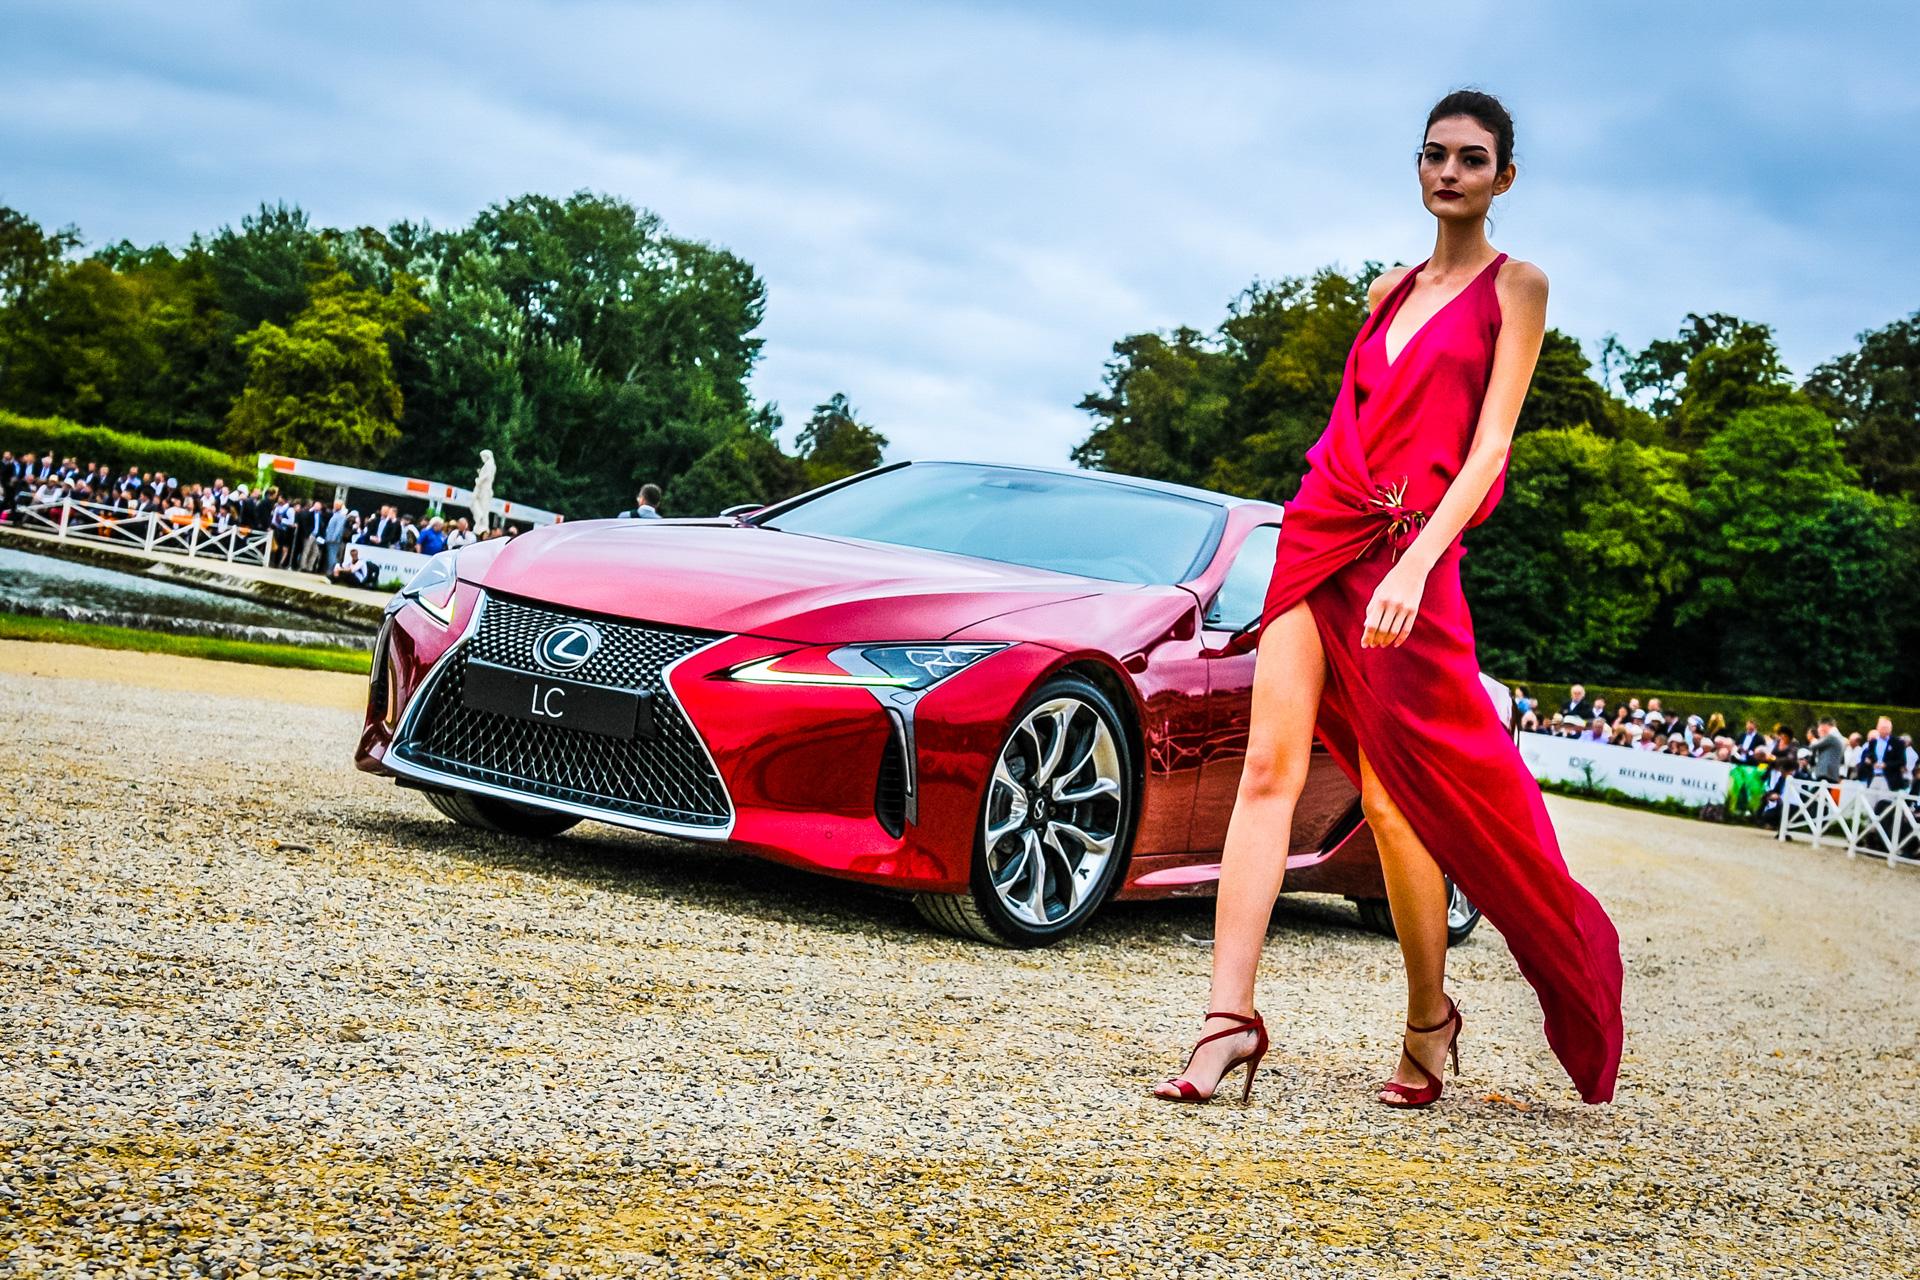 La marque Lexus, elle aussi partenaire chantilly